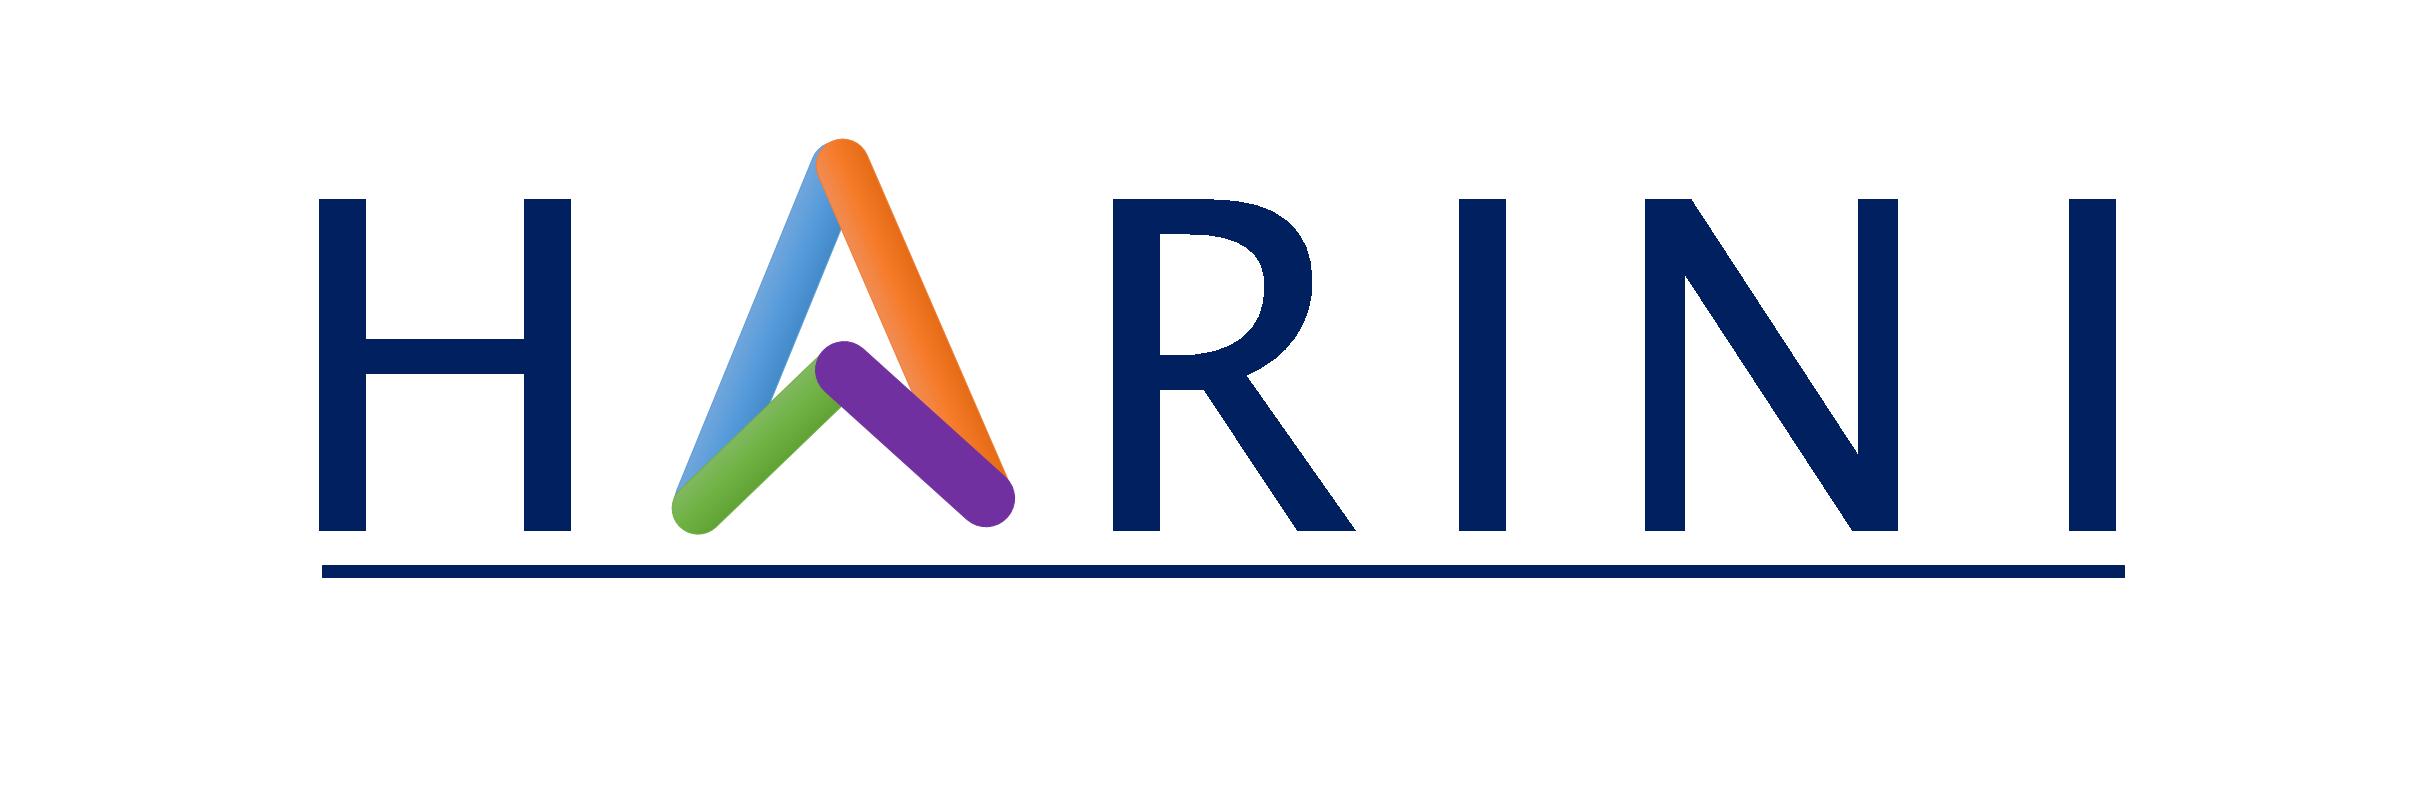 Harini Systems - Sap company logo